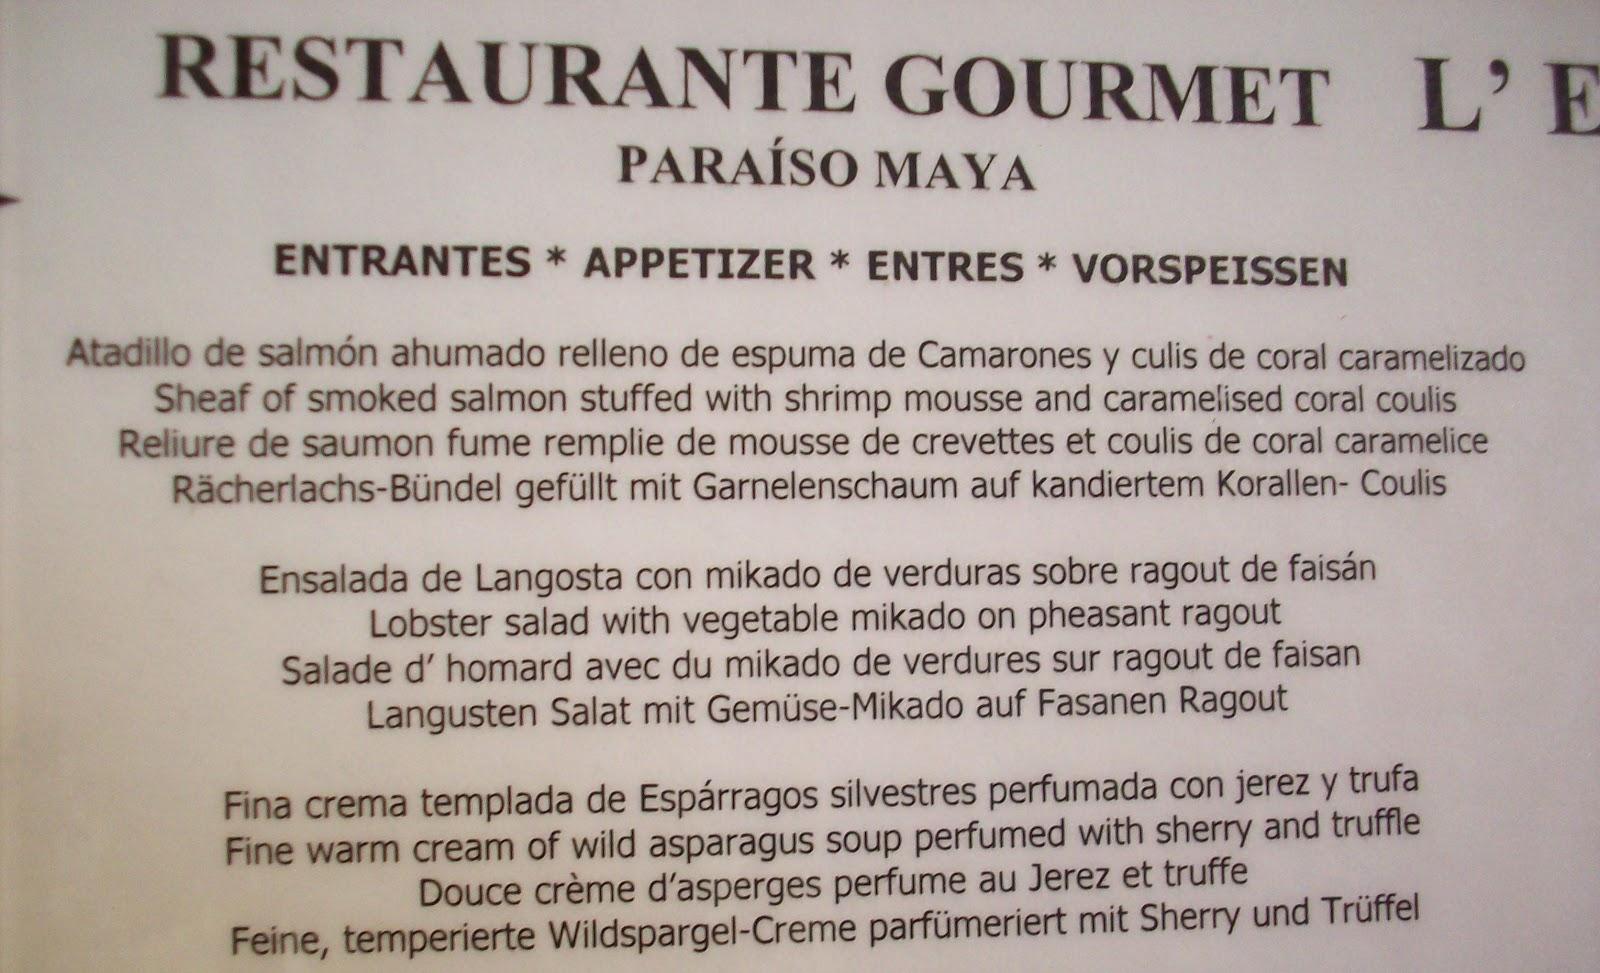 Cocina Creativa: ALTA COCINA MEXICANA: Restaurante Gourmet L´ETOILE ...